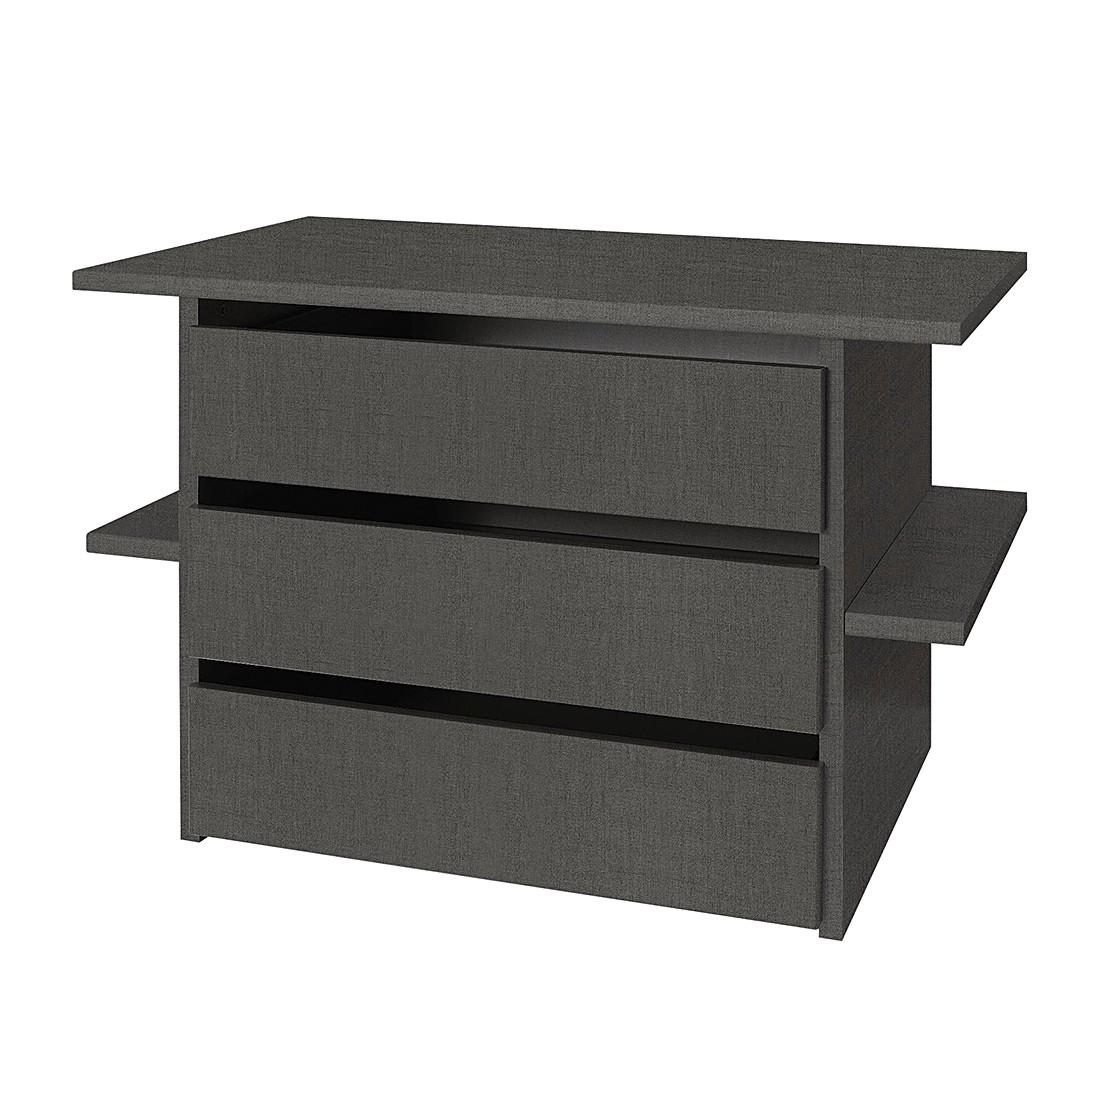 schubeinsatz f r schranktiefe 60 69cm. Black Bedroom Furniture Sets. Home Design Ideas